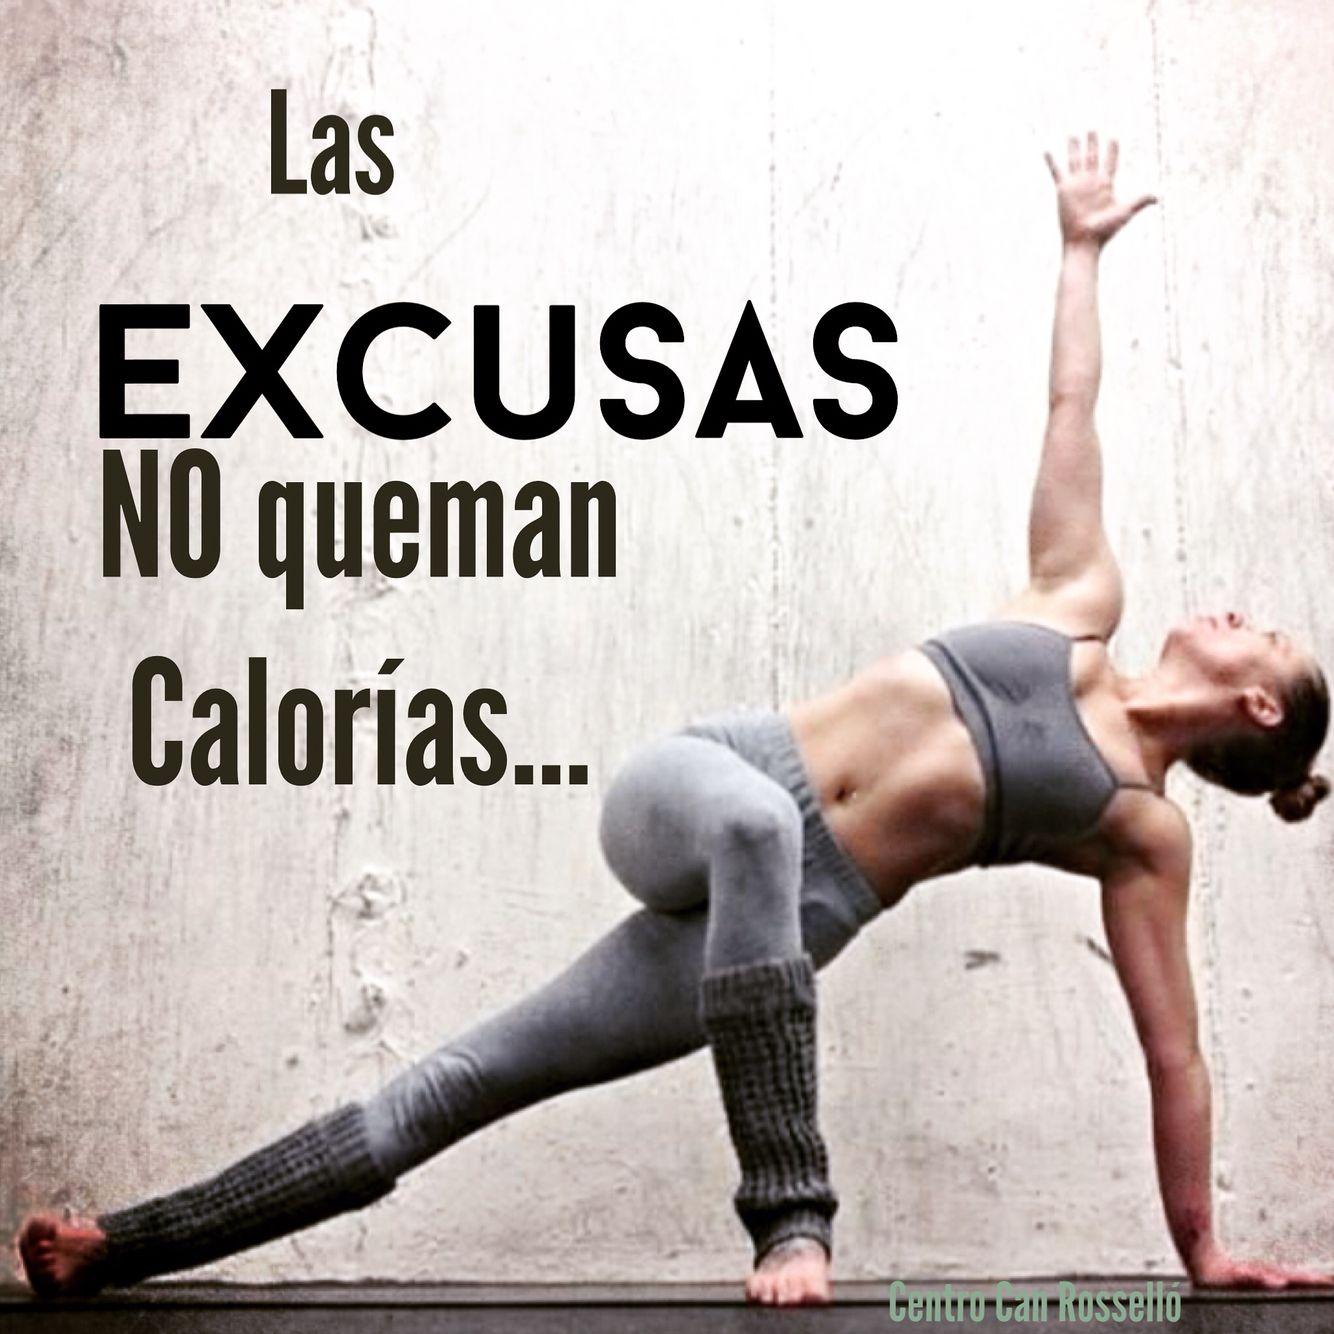 Recuerda dejar las excusas a un lado... #motivación #sport #deporte #siquierespuedes #coach #frases # psicología